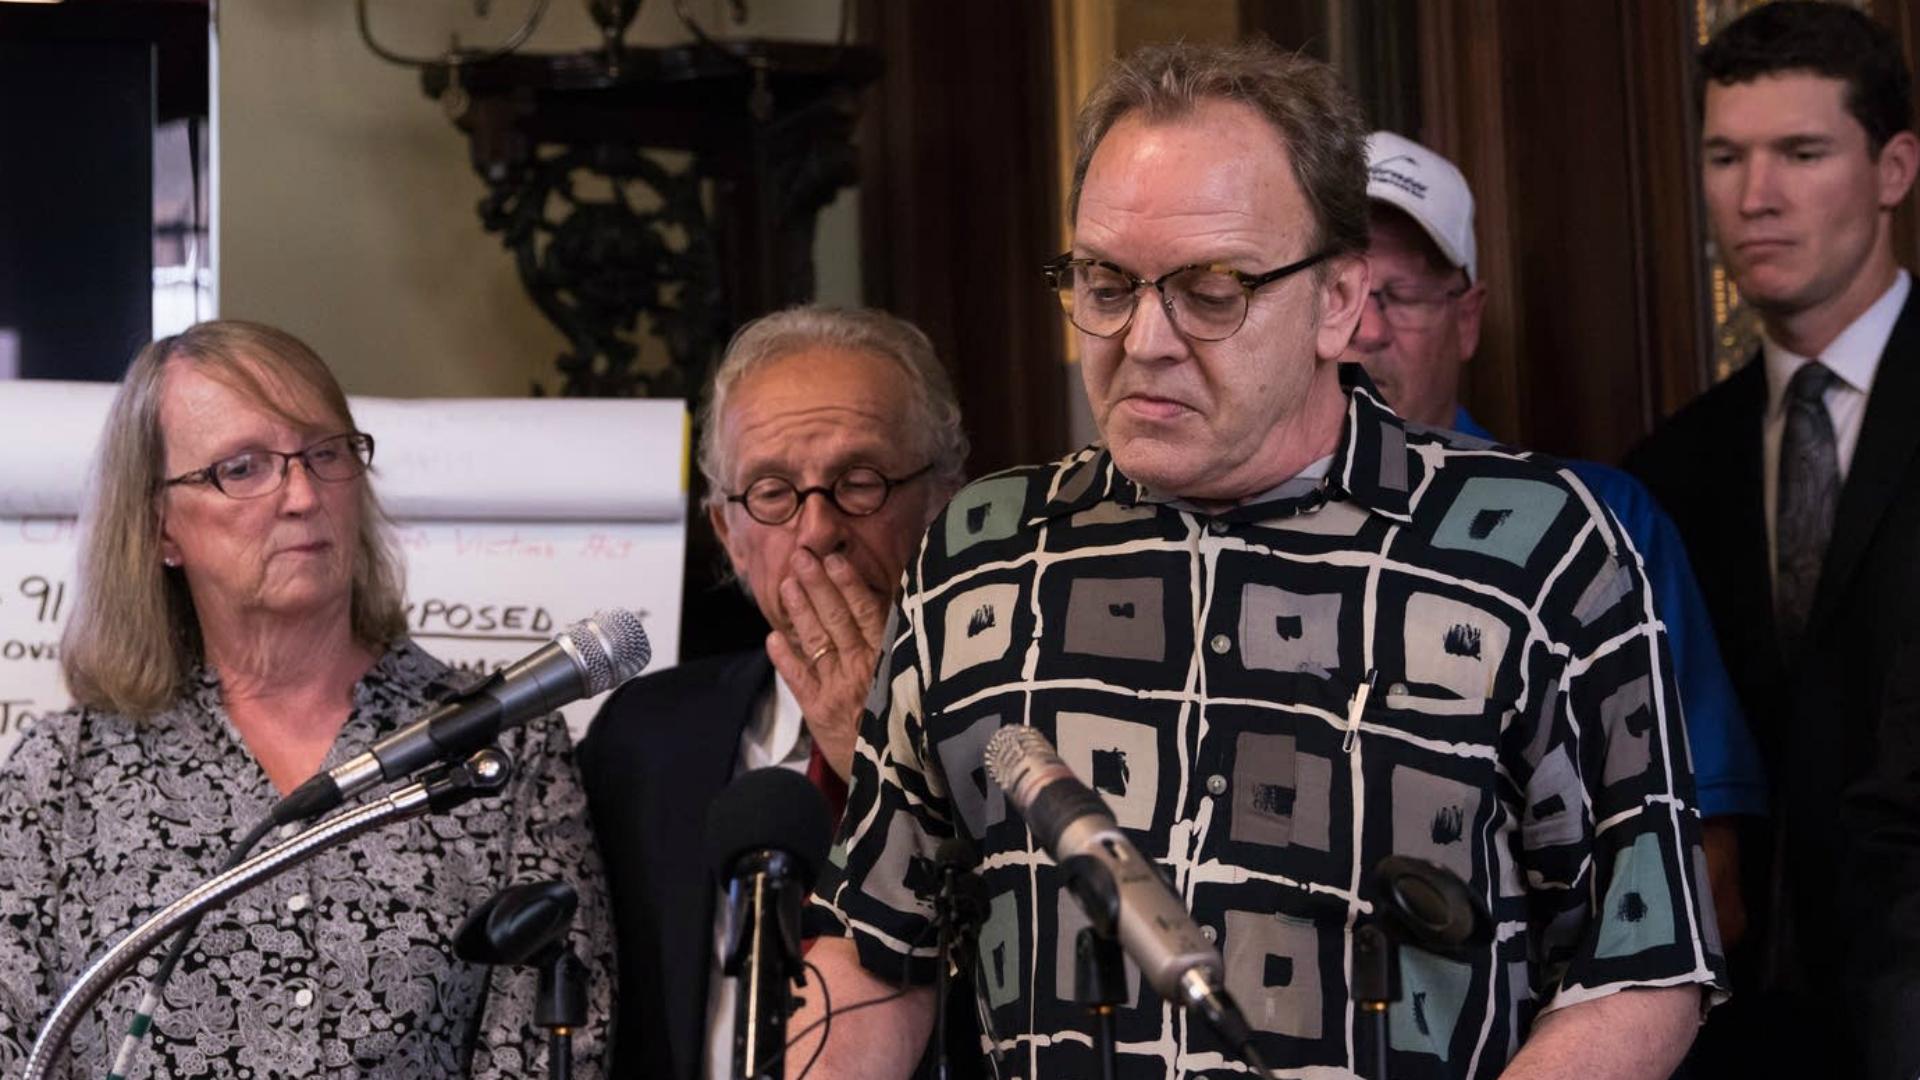 Jamie Heutmaker, una de las víctimas, durante la conferencia de prensa. (Gentileza MPRNews)